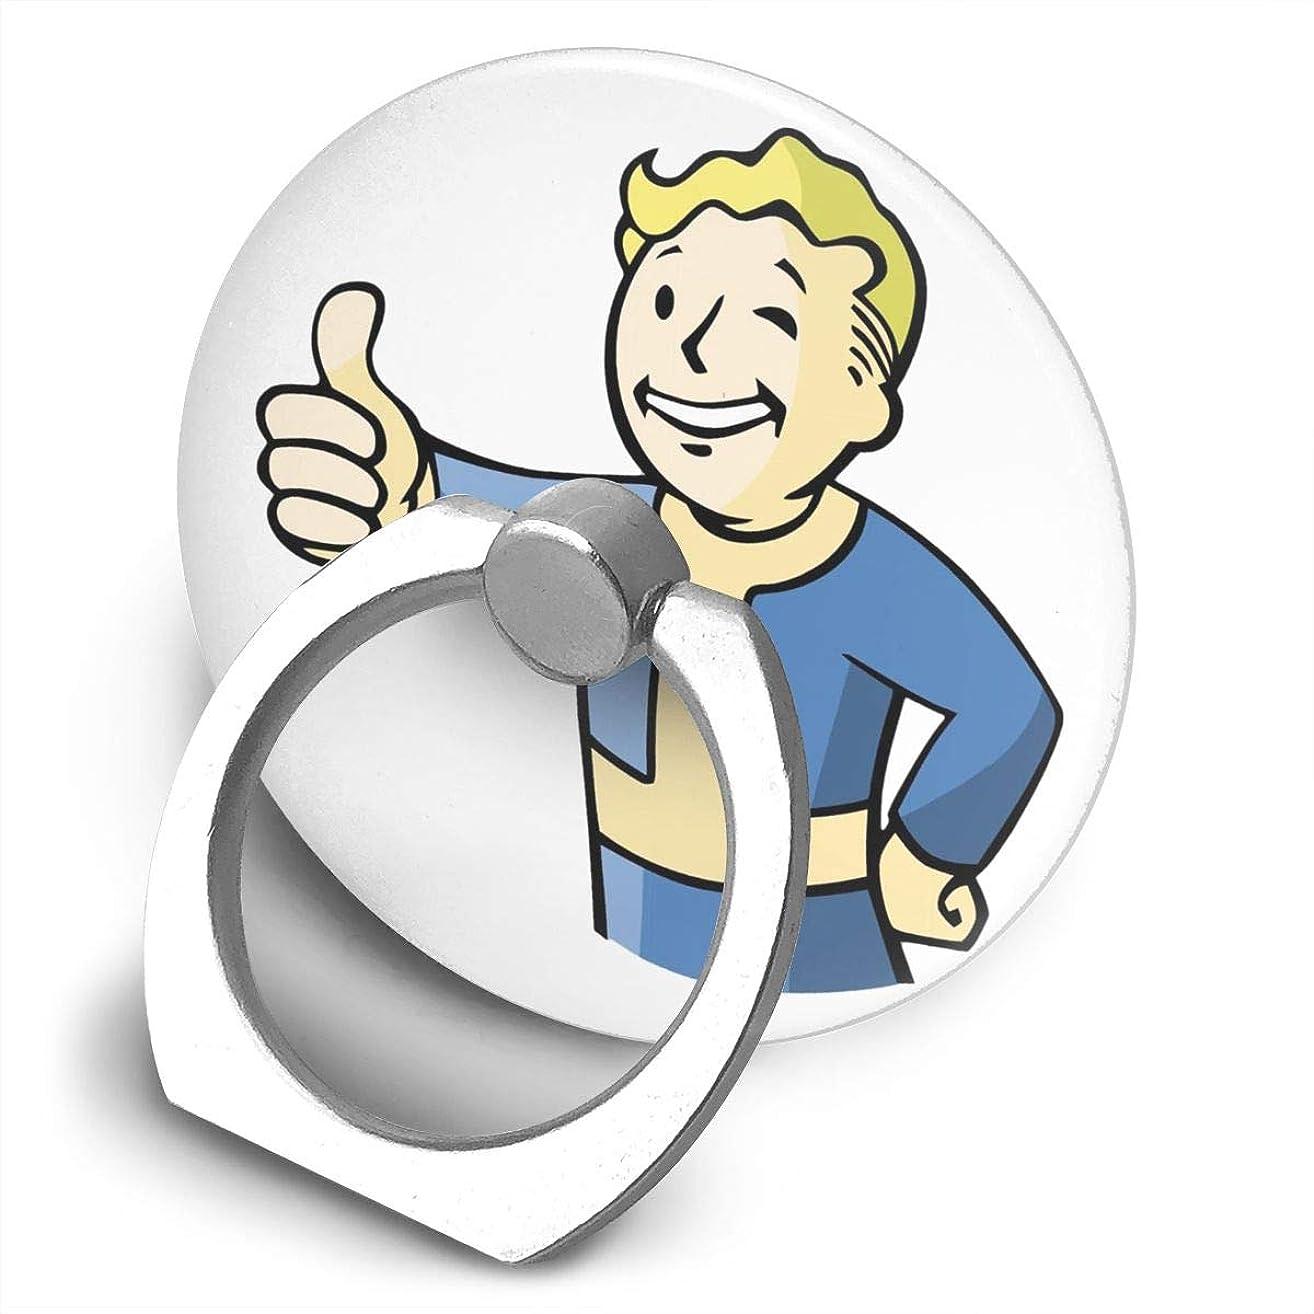 ましいパニック反対にプライベートカスタム フォール アウト ボーイ スマホ リング ホールドリング 指輪リング 薄型 おしゃれ スタンド機能 落下防止 360度回転 タブレット/スマホ IPhone/Android各種他対応